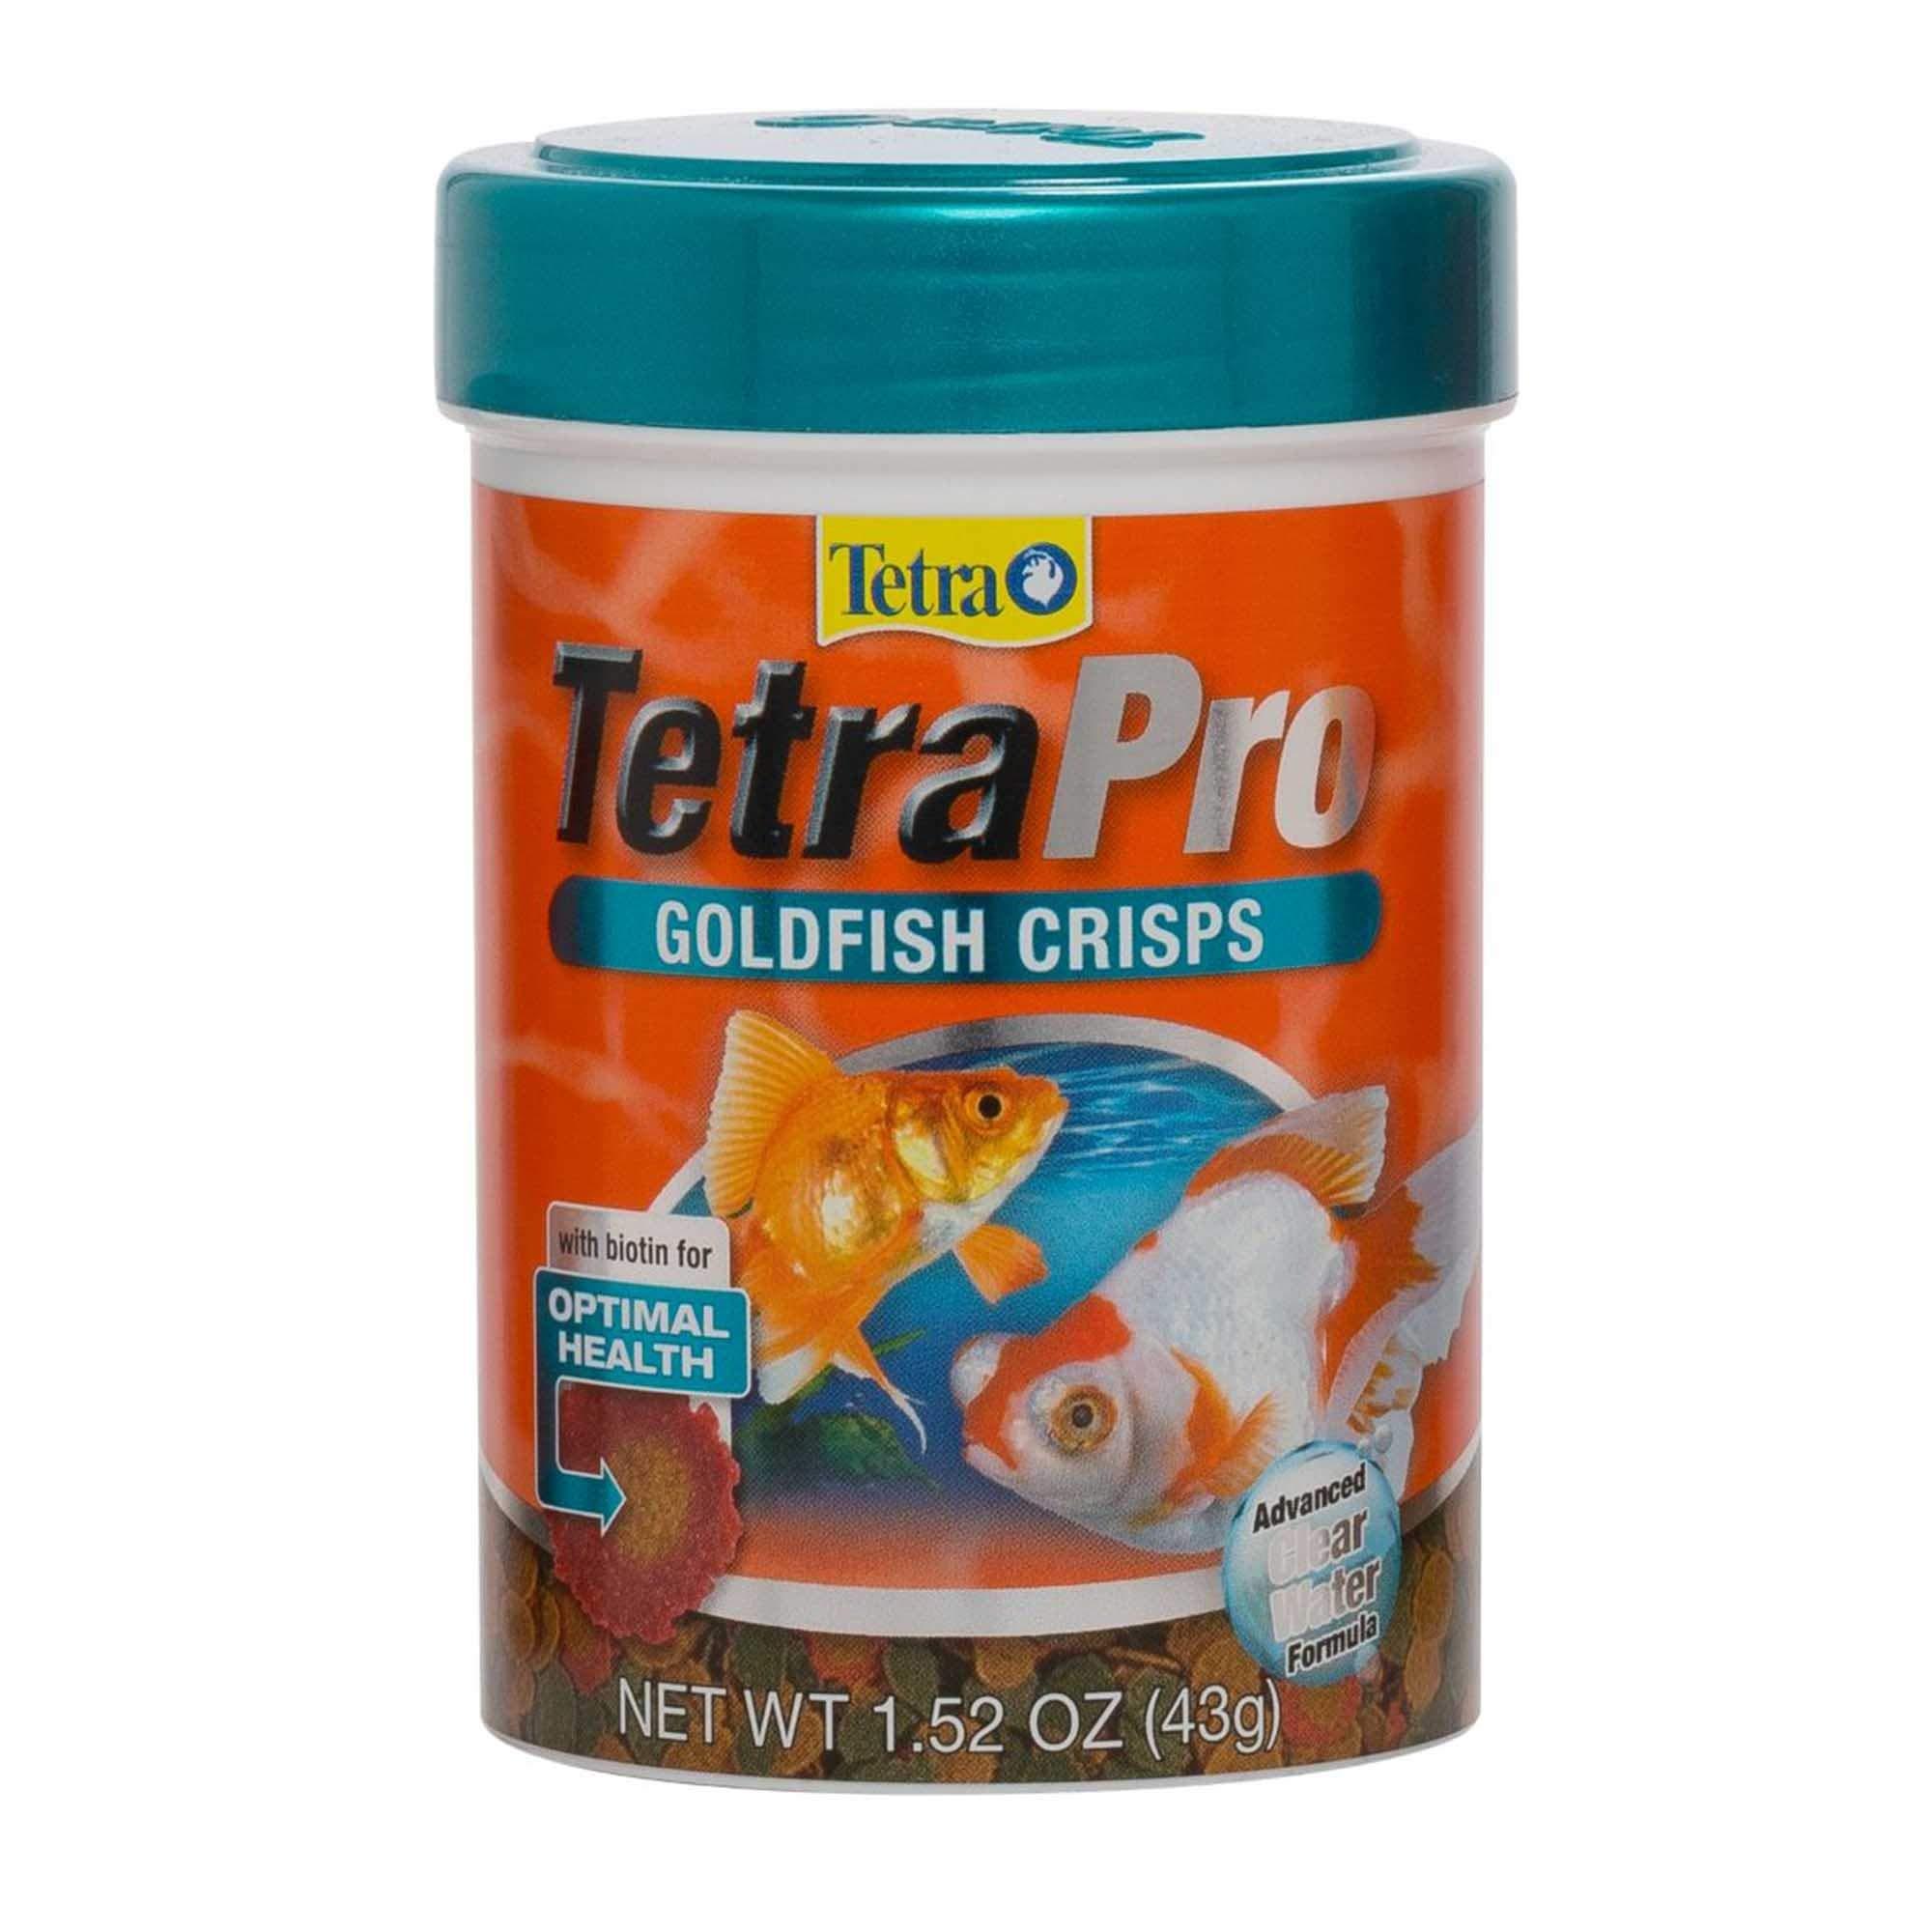 Tetra 77074 TetraPRO Goldfish Crisps for Fishes